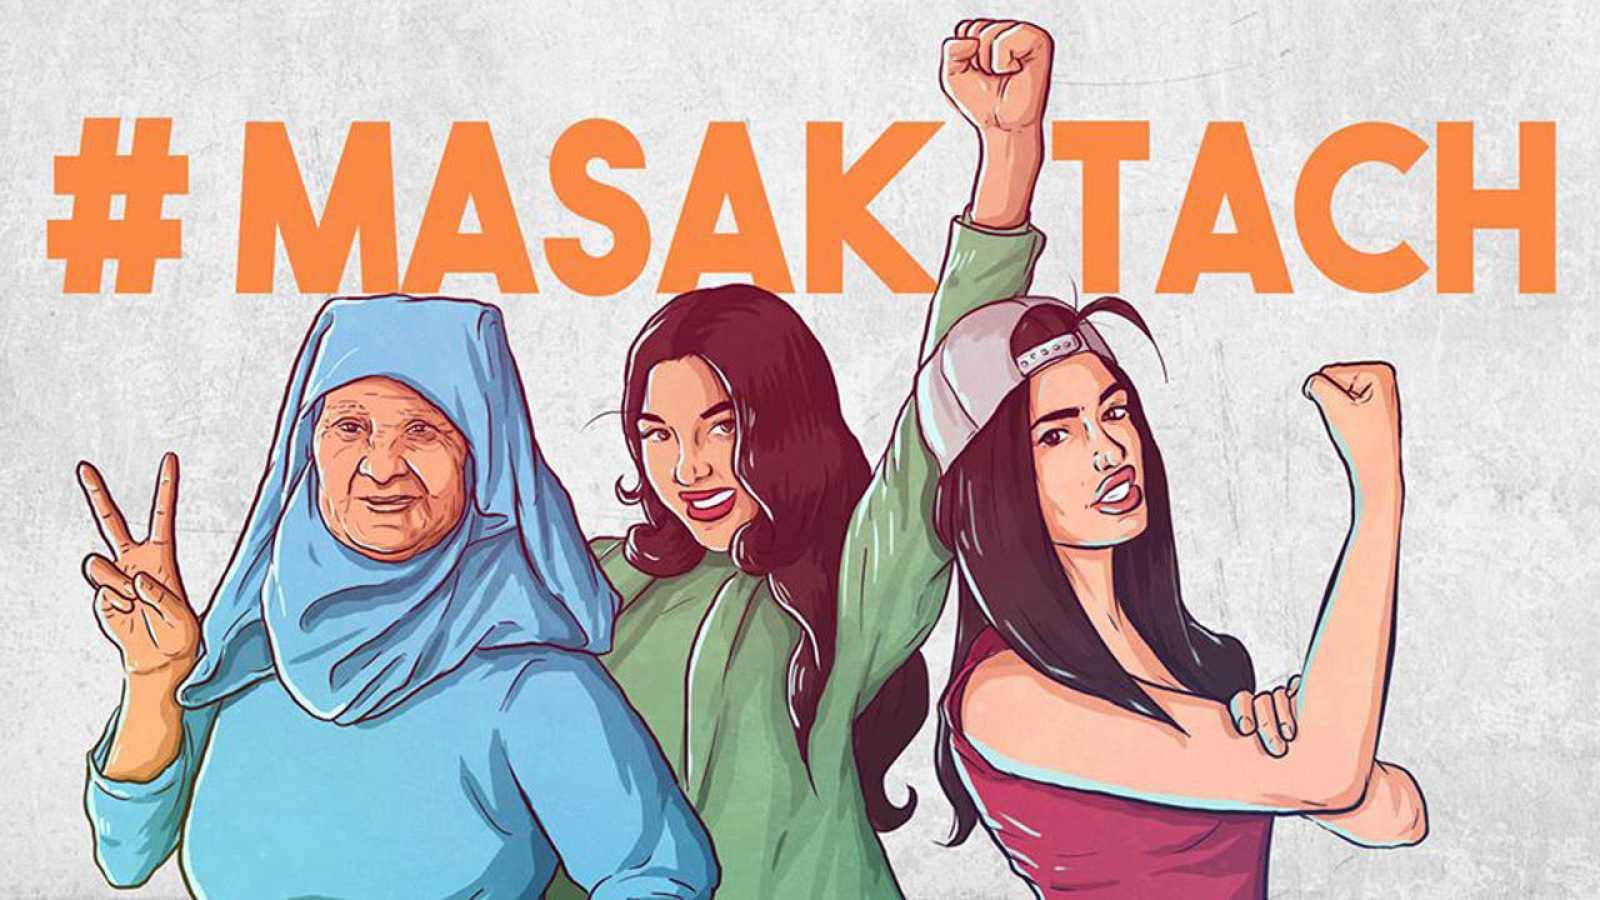 """El movimiento #MASAKTACH (""""Yo no me callo"""") ha lanzado una campaña en Facebook y en Twitter para que las mujeres se atrevan a contar su historia bajo el anonimato."""